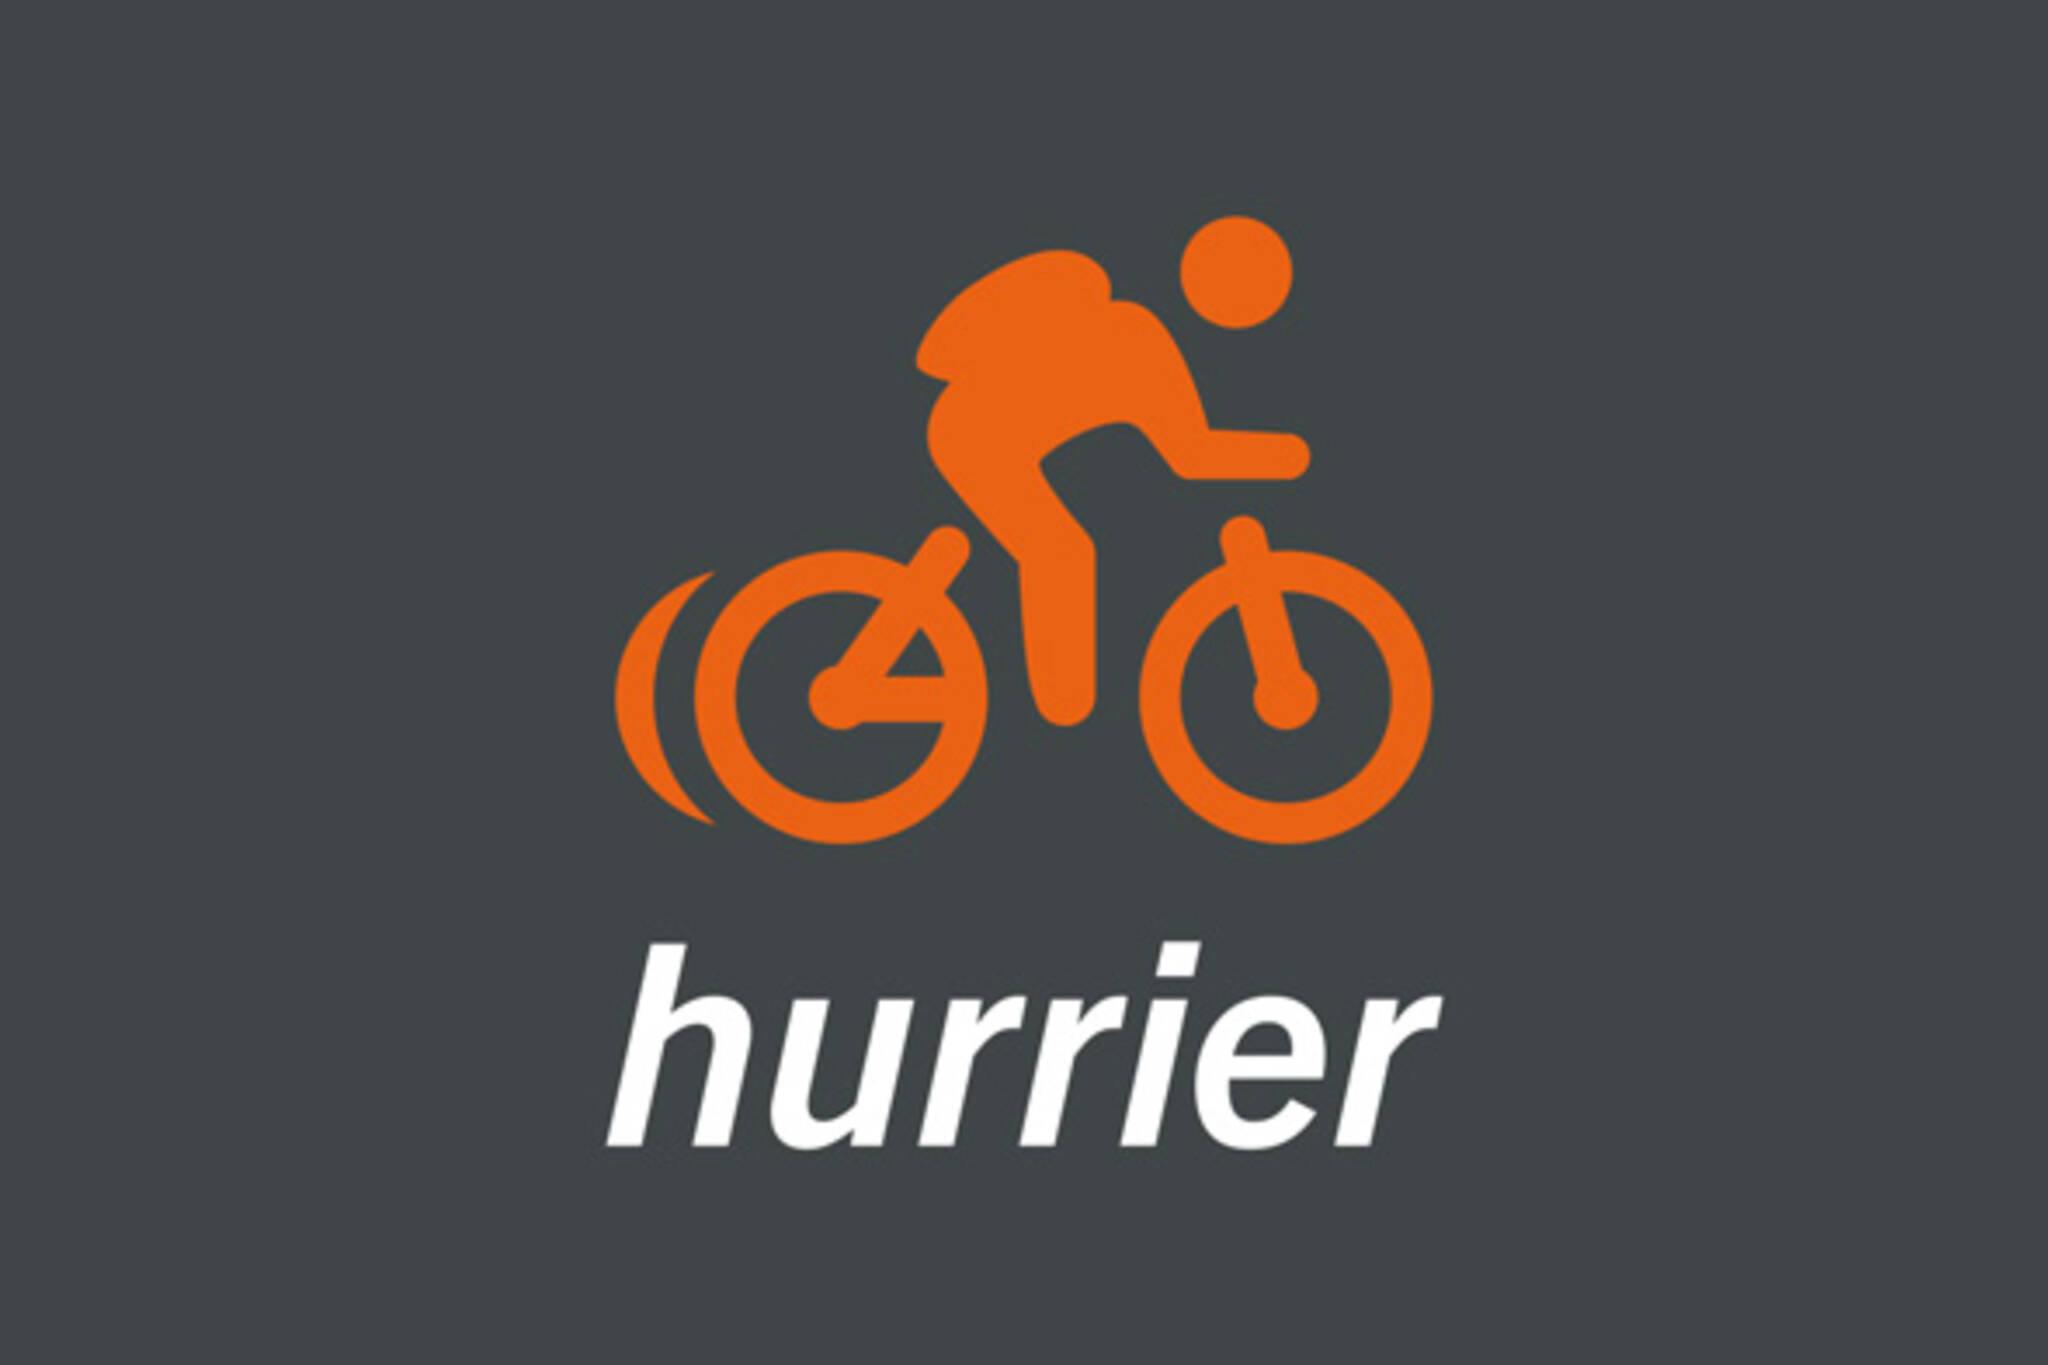 hurrier